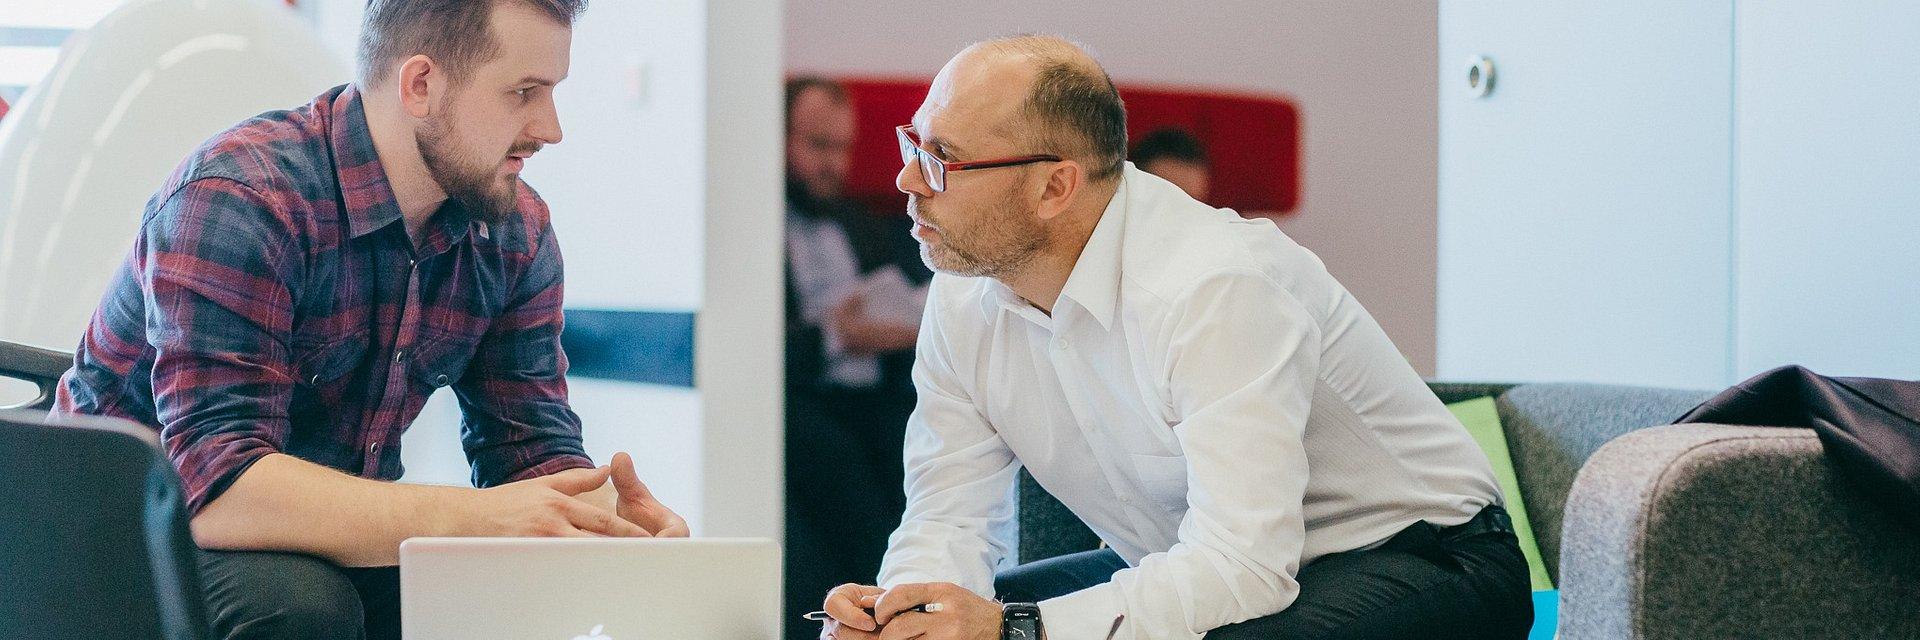 9,5 mln zł trafi do młodych firm przemysłowych w ramach programu KPT ScaleUp.